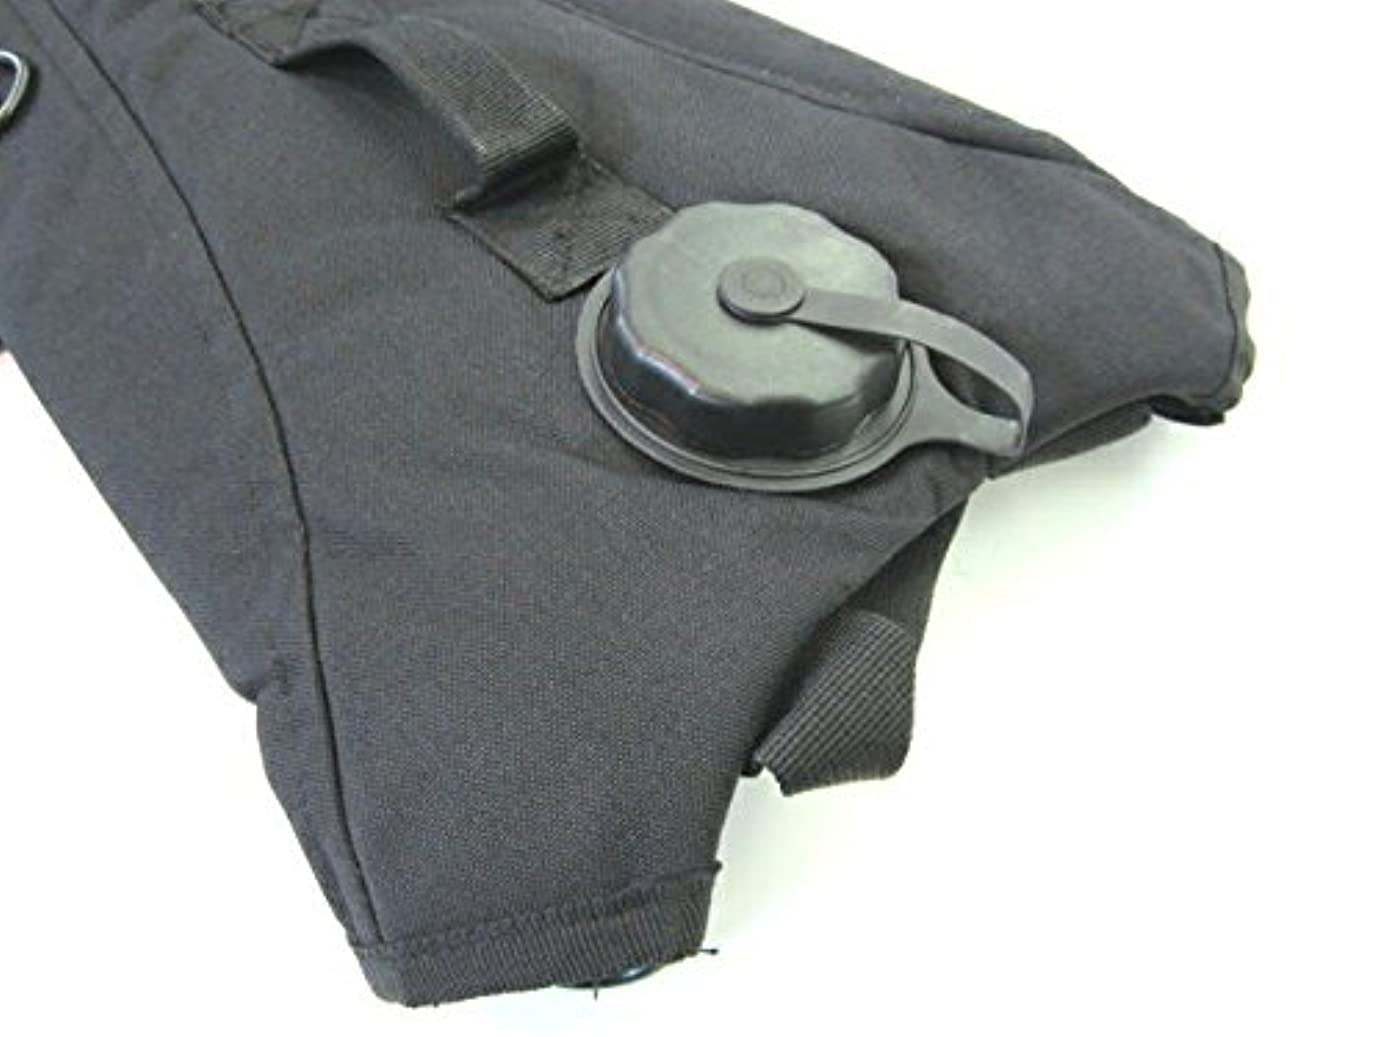 エジプトリベラルジャングル【 ハイドレーション 】 2.5Lの水分を携行可能な ハイドレーションバッグ !! 背中に背負ったり、ベストやリュックにも!! (BLACK)